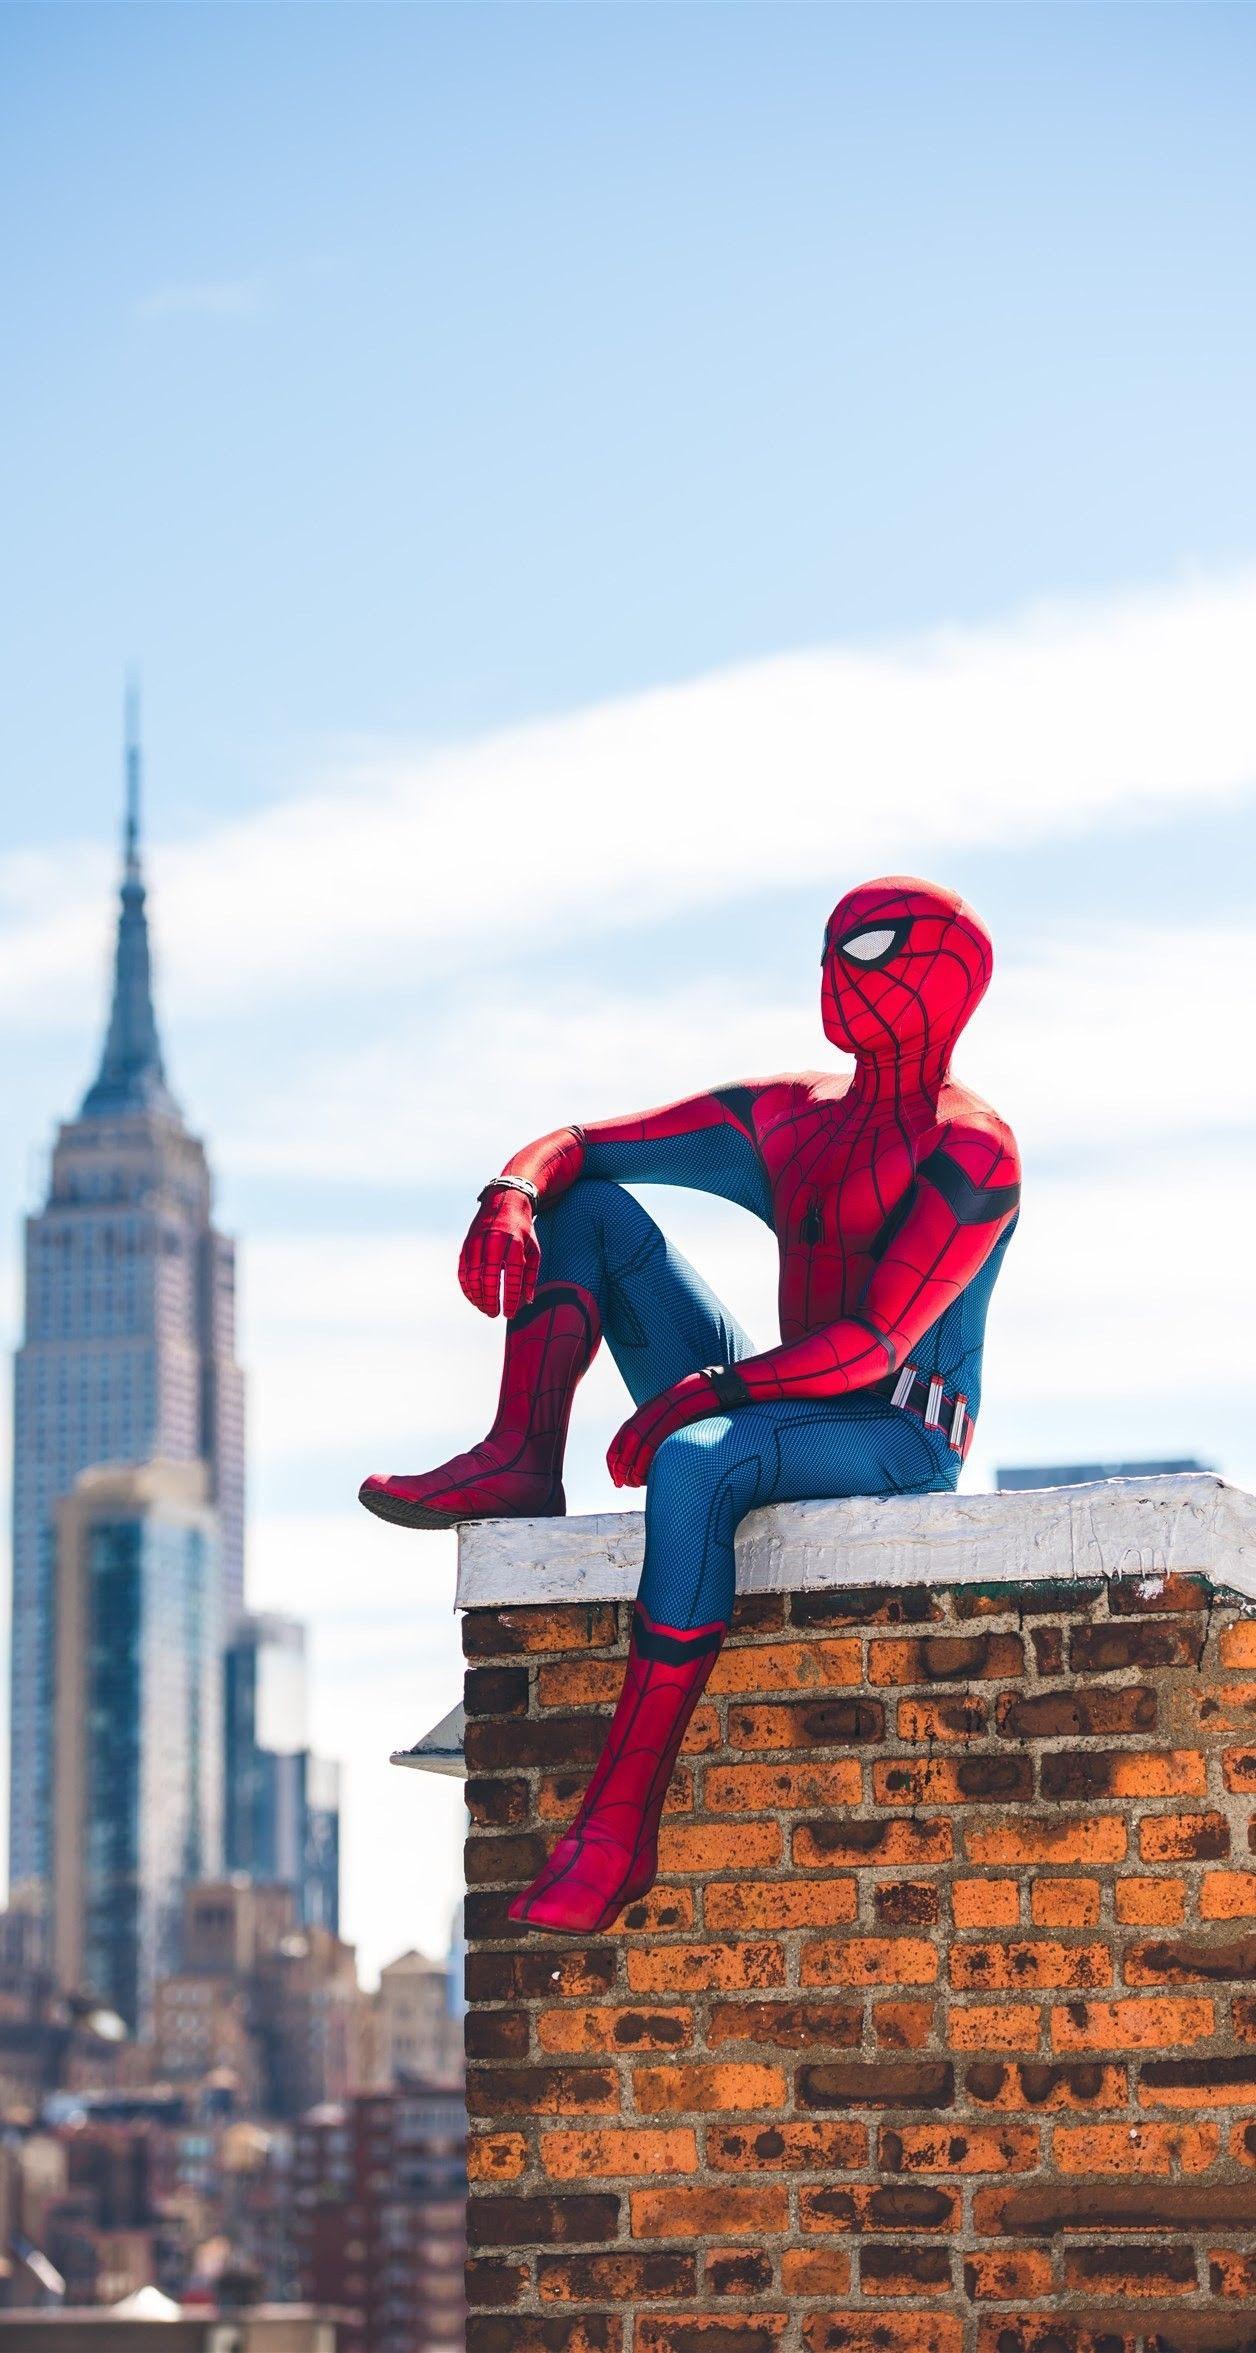 Spiderman HD Wallpaper, Download From WallPixel app